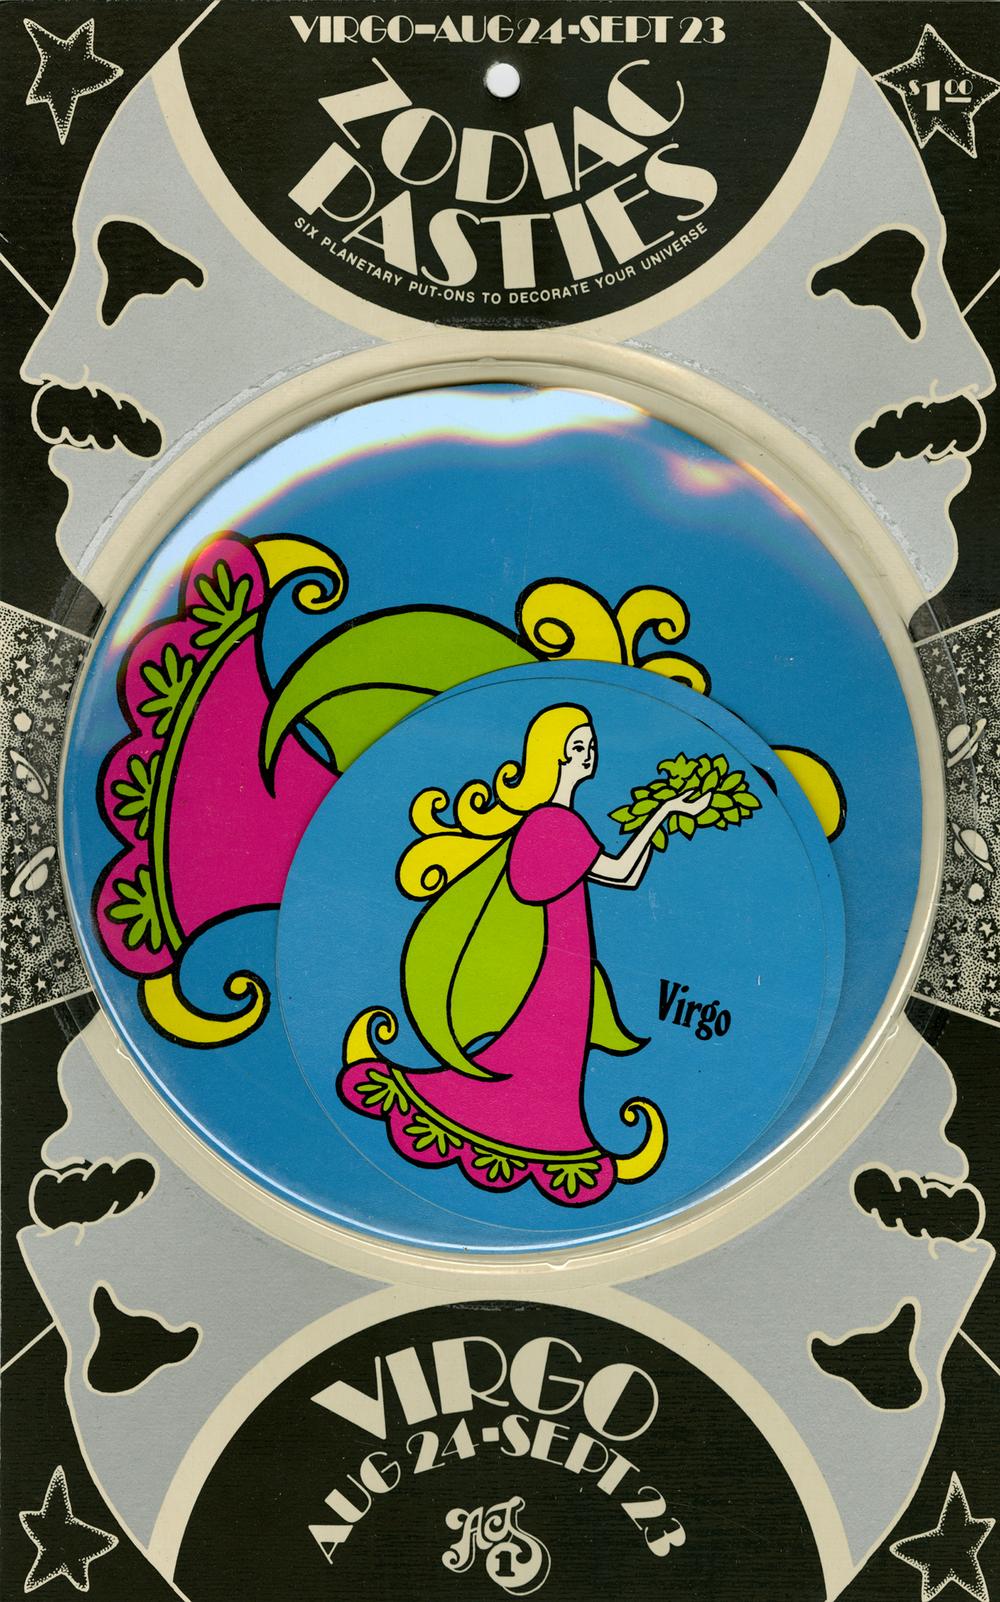 Zodiac-Pasties_Virgo.png